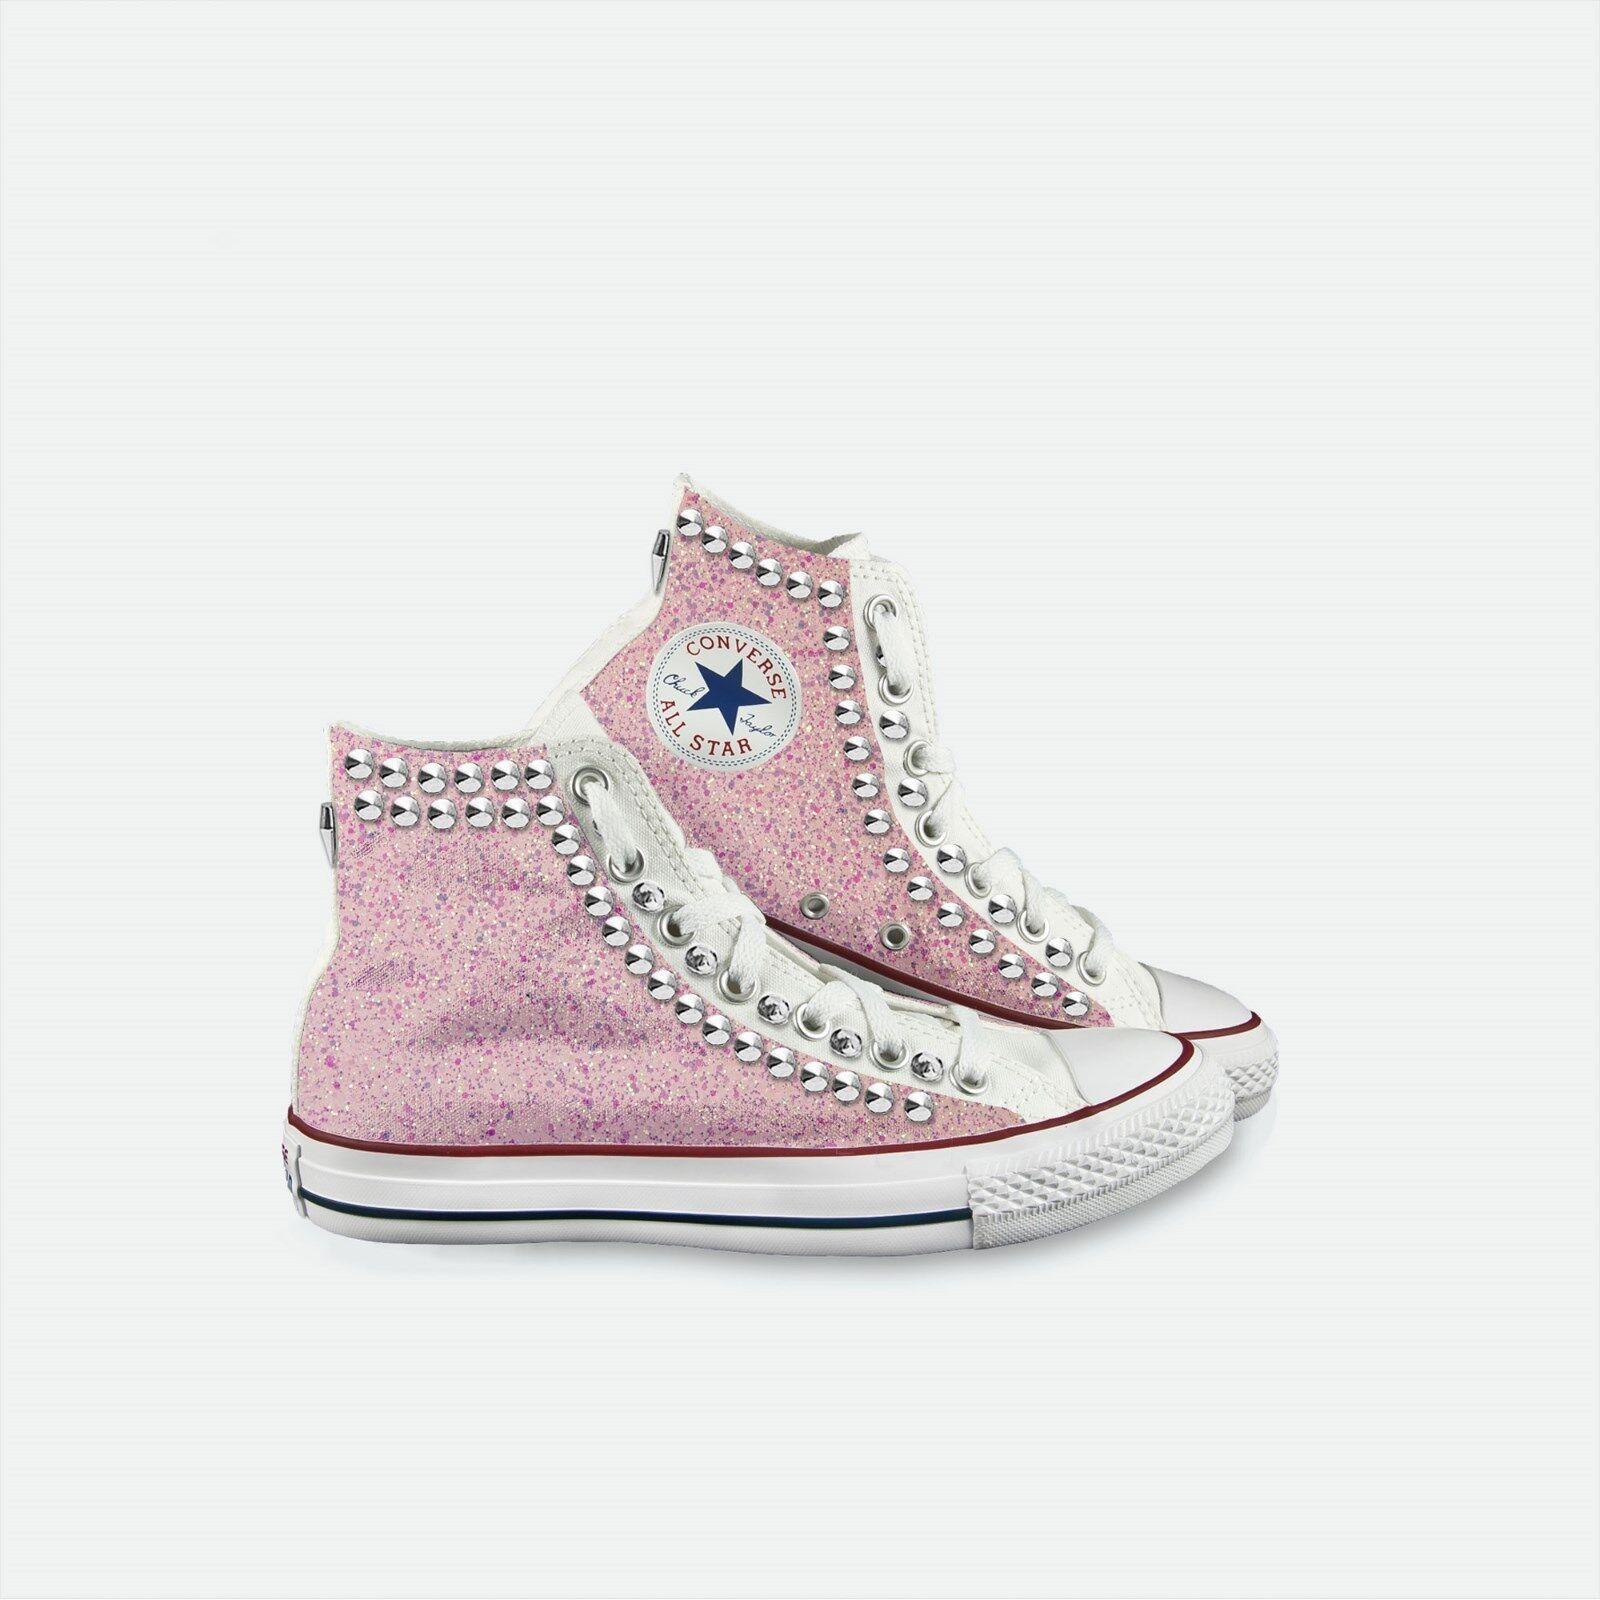 converse rosa all star bianca pers con glitter grosso rosa converse pallido e borchie e4c2a4